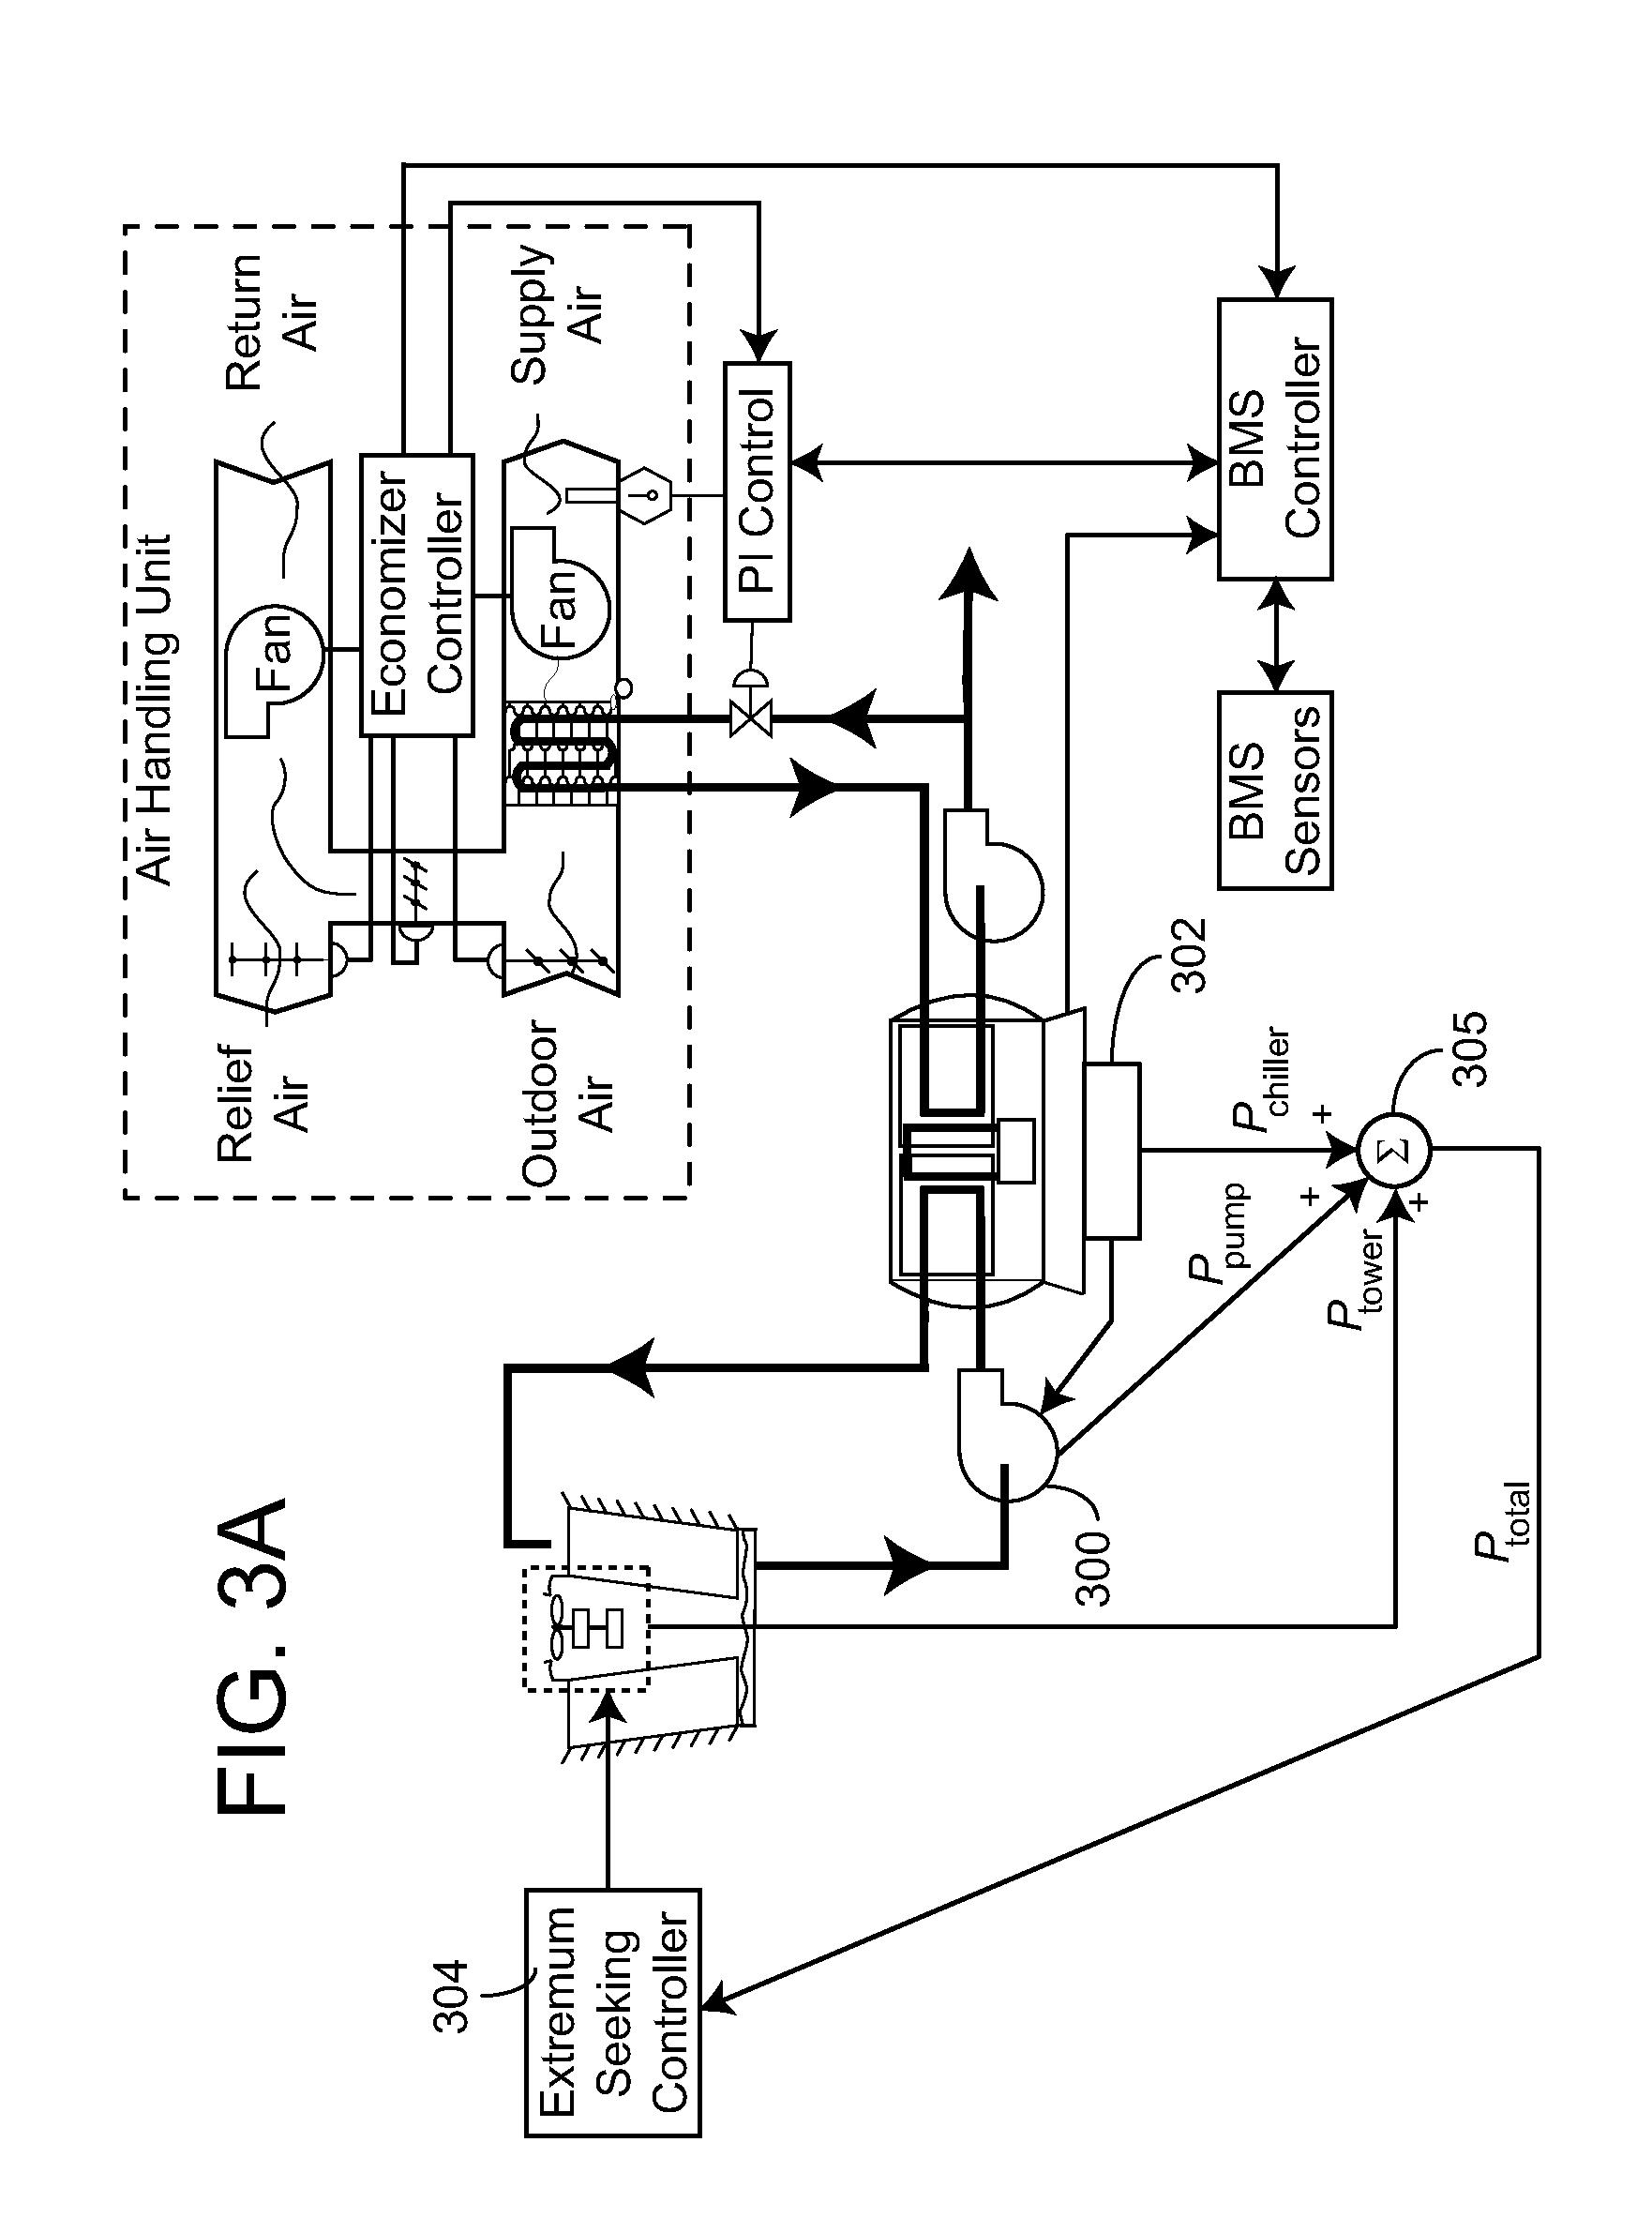 patent us20110276182